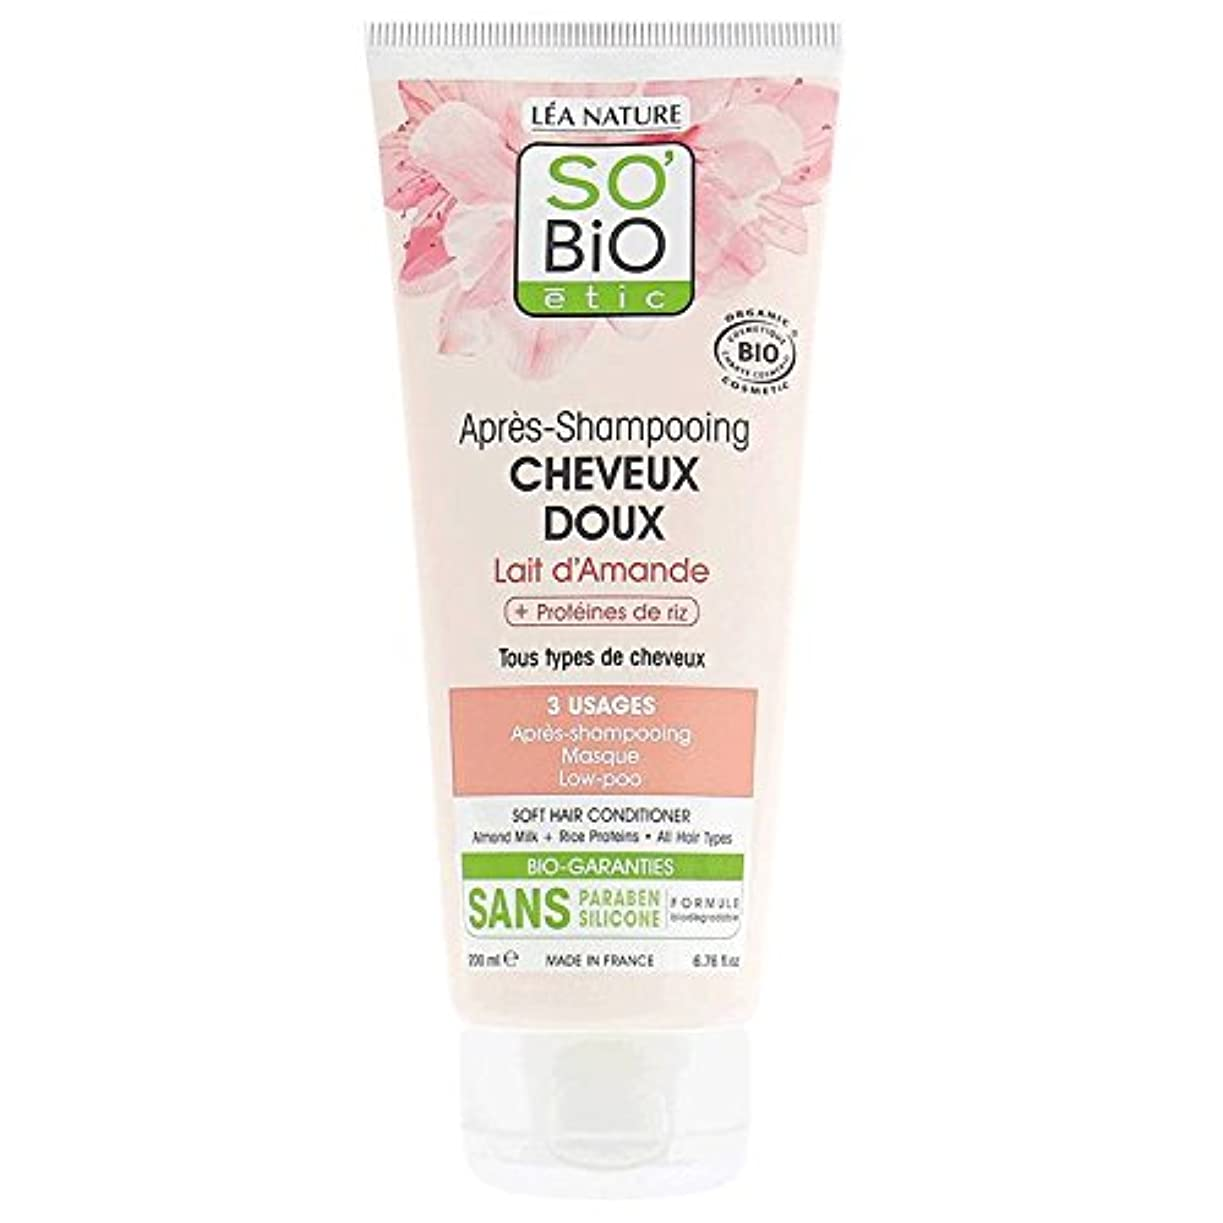 静的不格好杖SO 'BIO ETIC - アーモンドミルク&ライスプロテイン入りコンディショナー - すべての髪のタイプに適しています - 保湿 - 髪の扱いやすさを改善します - パラベン&シリコンから無料 - 200 ml